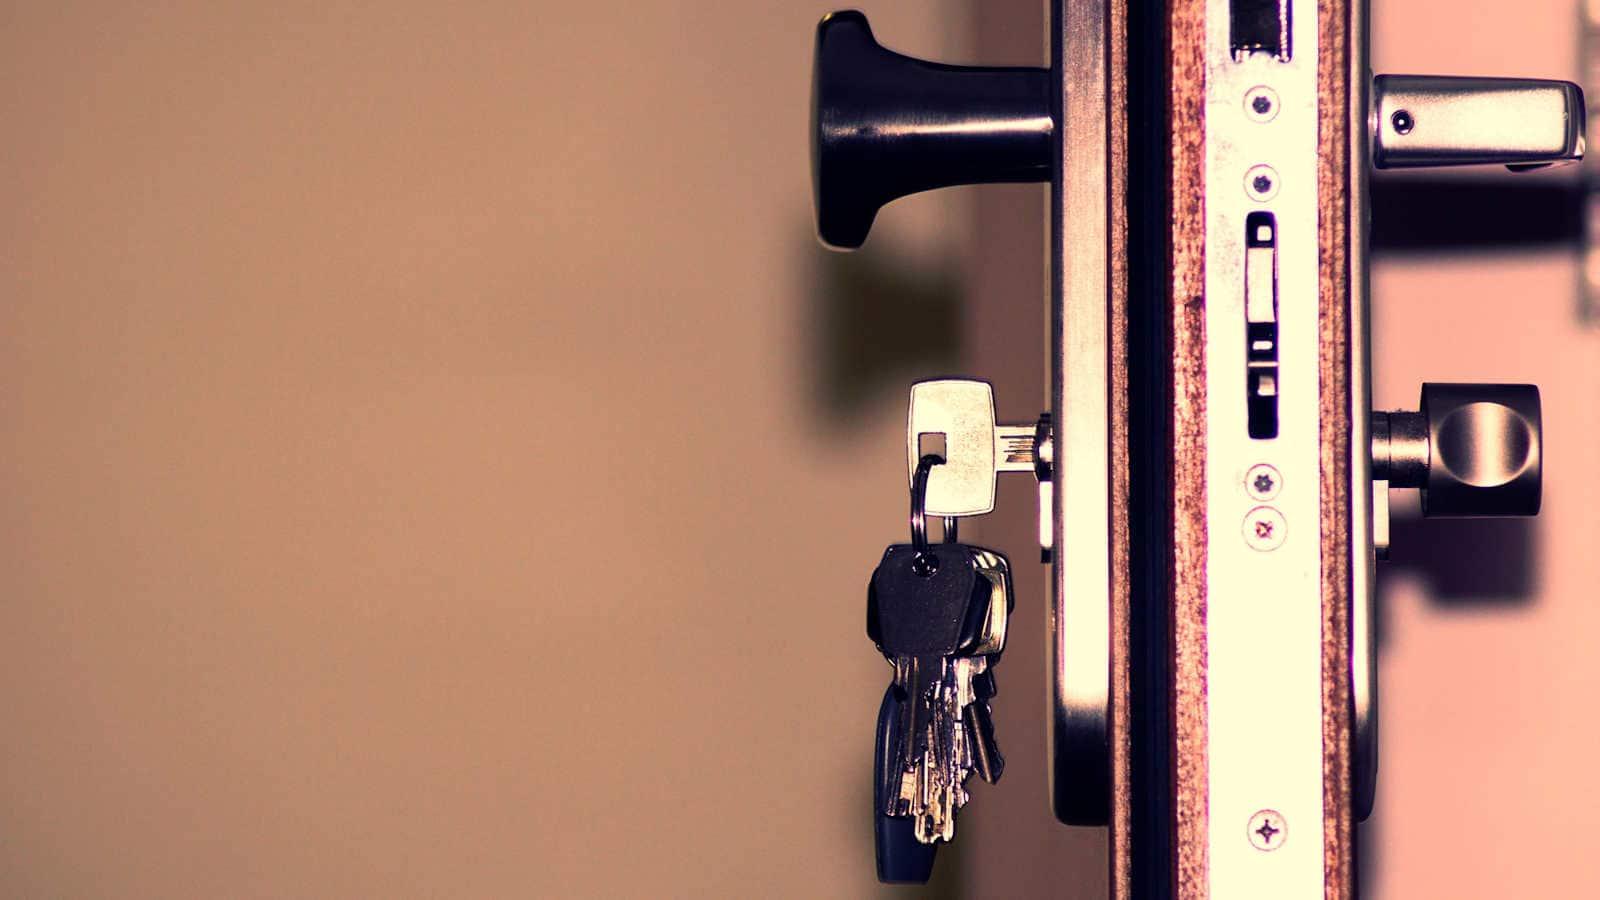 KeyMe Locksmiths in Bellevue